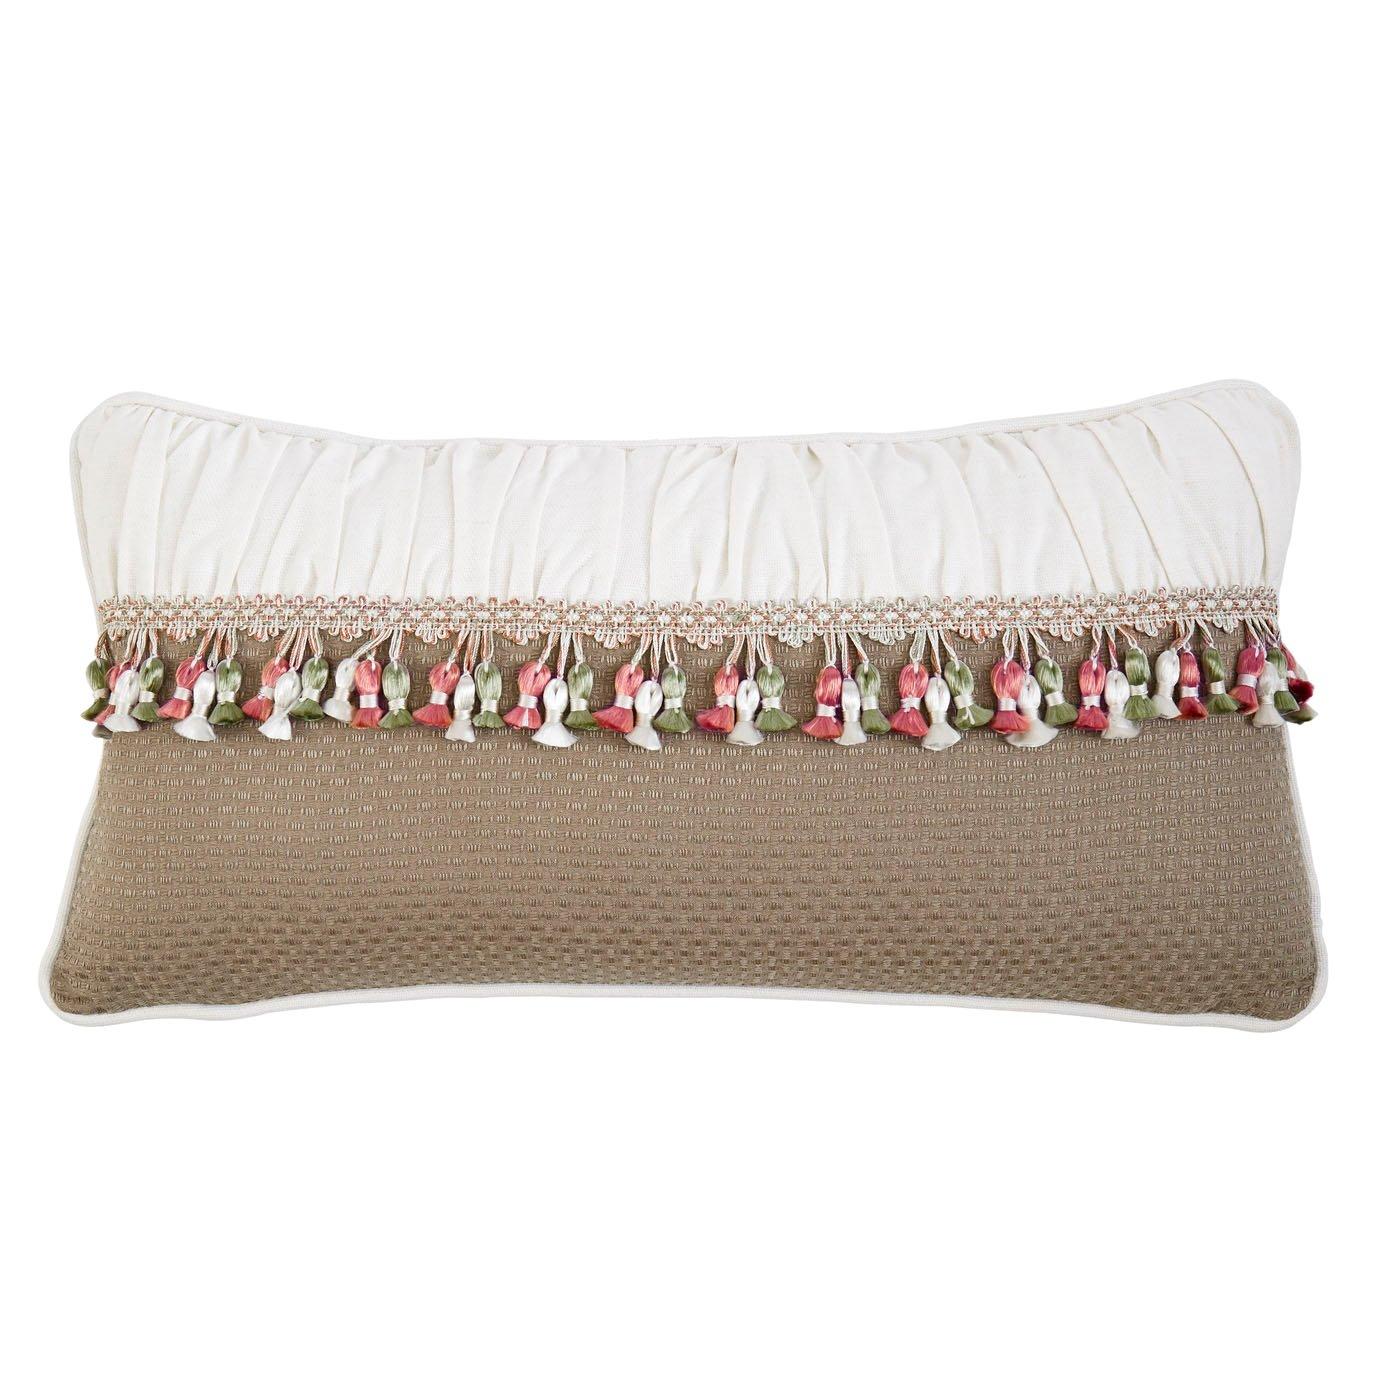 Izabelle 11X22 Decorative Pillow